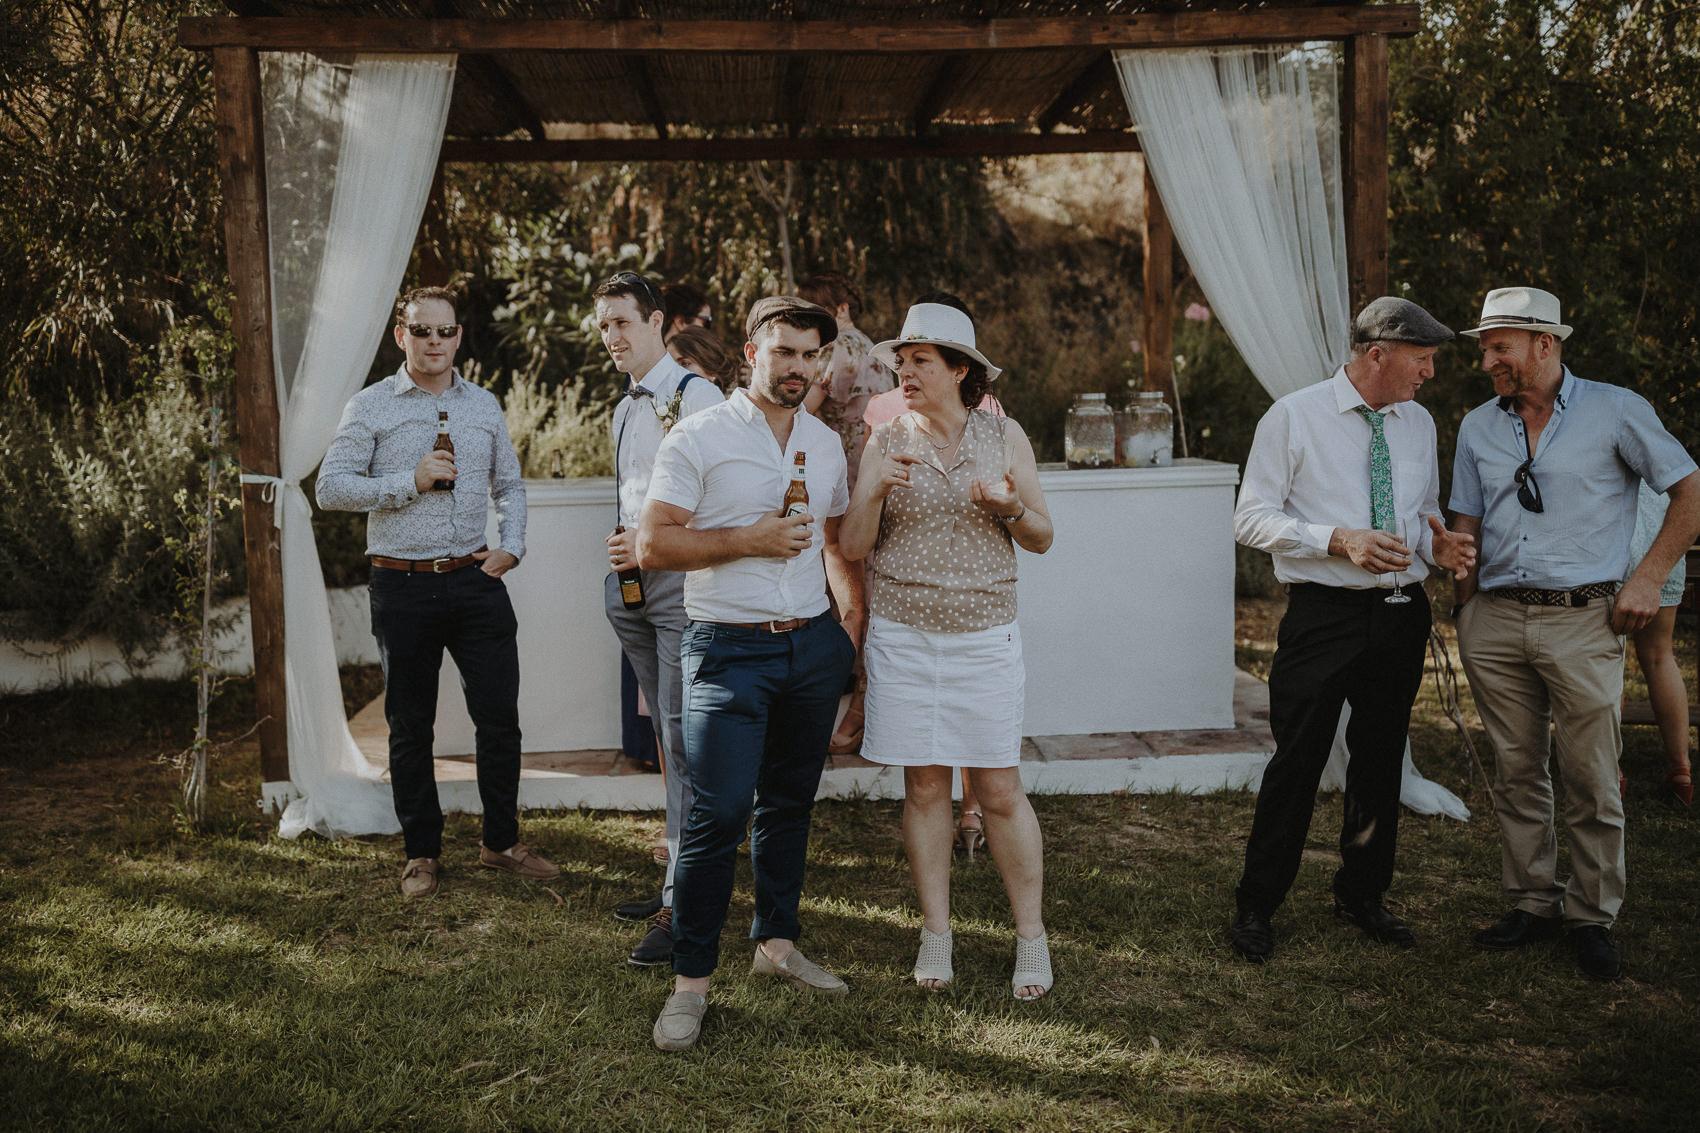 Sarah & Bill | Summer wedding at Cortijo Rosa Blanca | Marbella - Spain 112